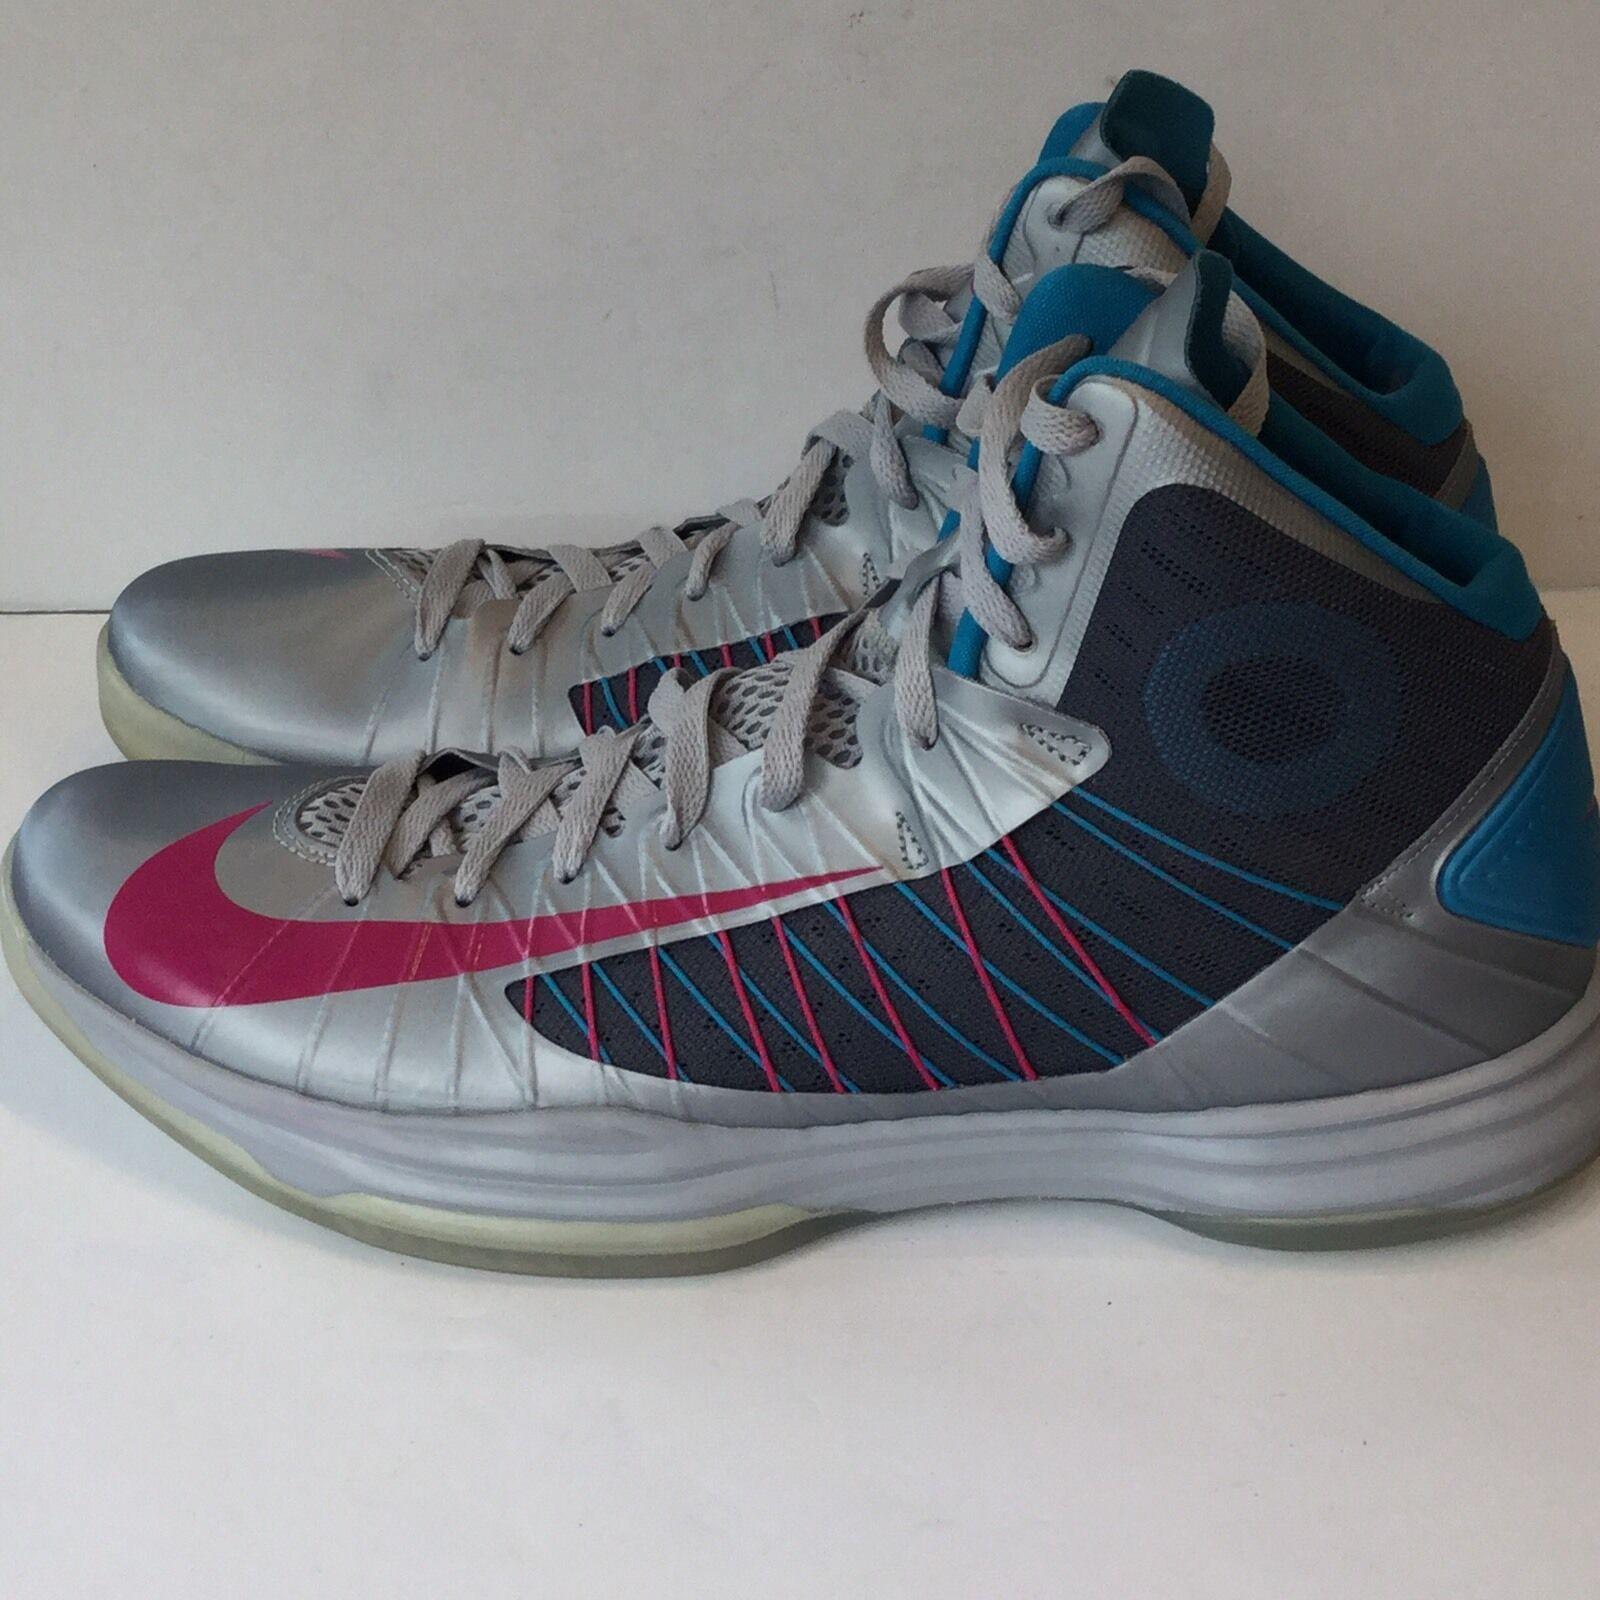 Hyperdunk Hombre zapatos de baloncesto Nike Lunarlon último raro color Combo excelente comodo el último Lunarlon descuento zapatos para hombres y mujeres 22f89b